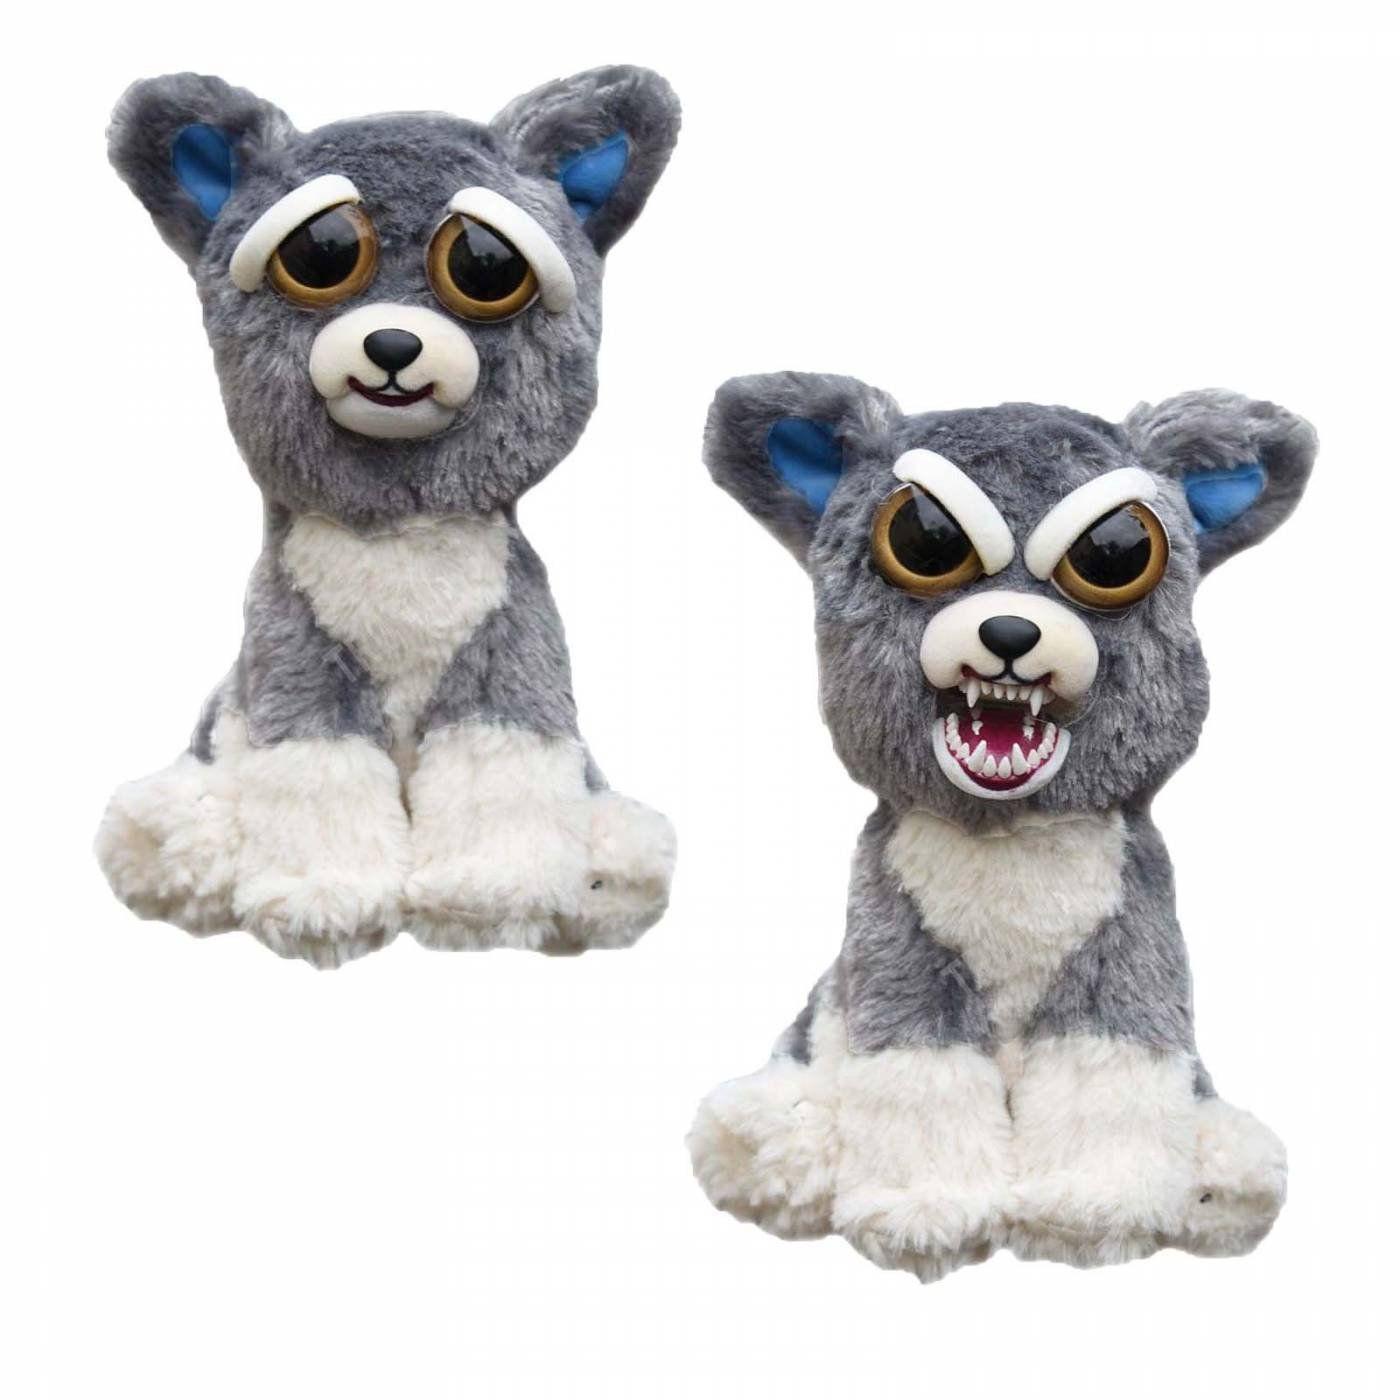 Pelúcia Gato Cinza (Paco Pancada): Feisty Pets (Bonzinho/Malzinho)